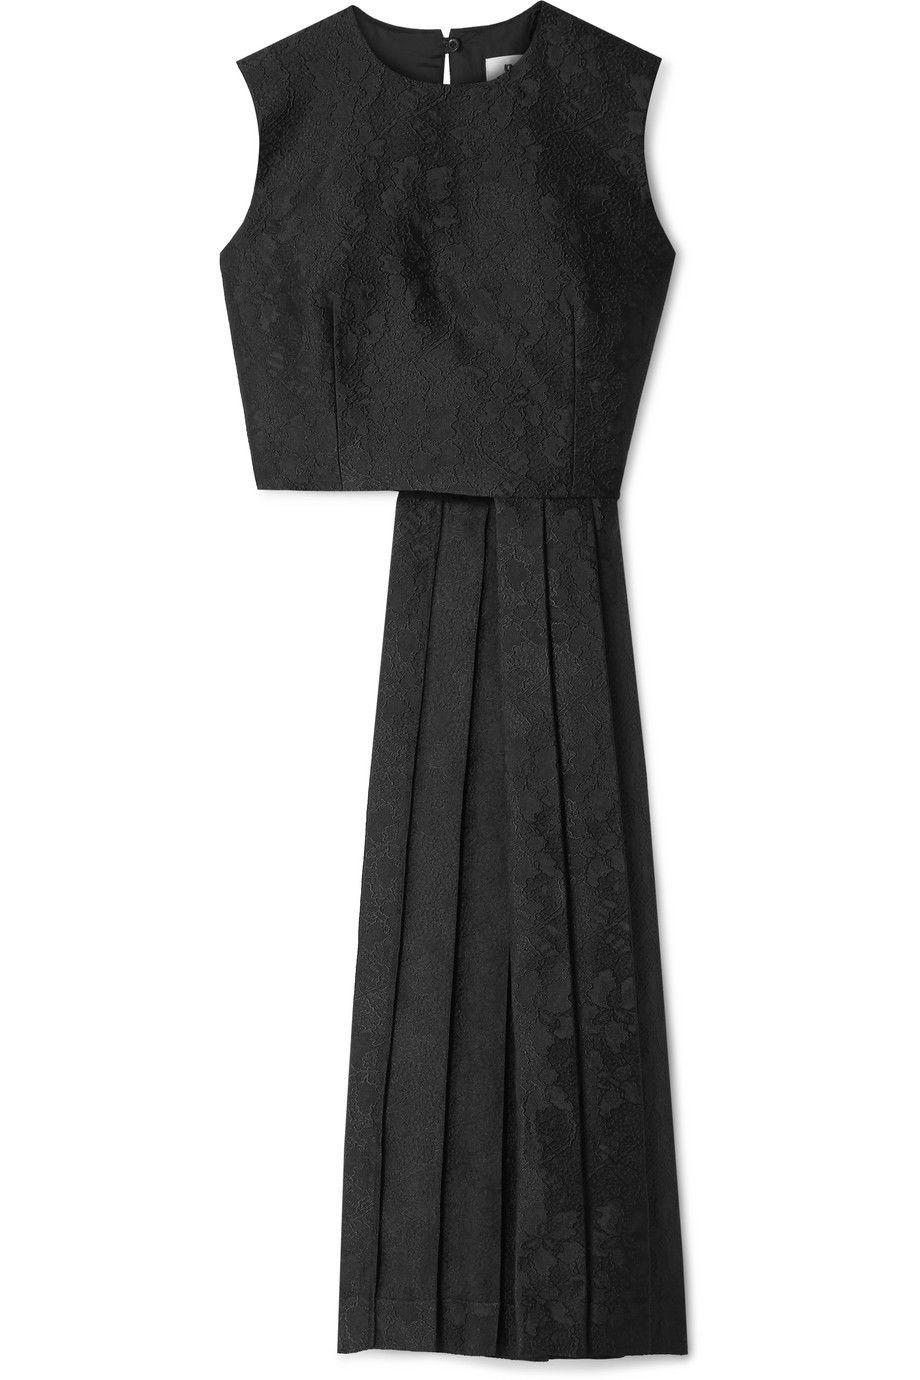 #PopbelaOOTD: Rekomendasi Fashion Item Ter-Edgy!